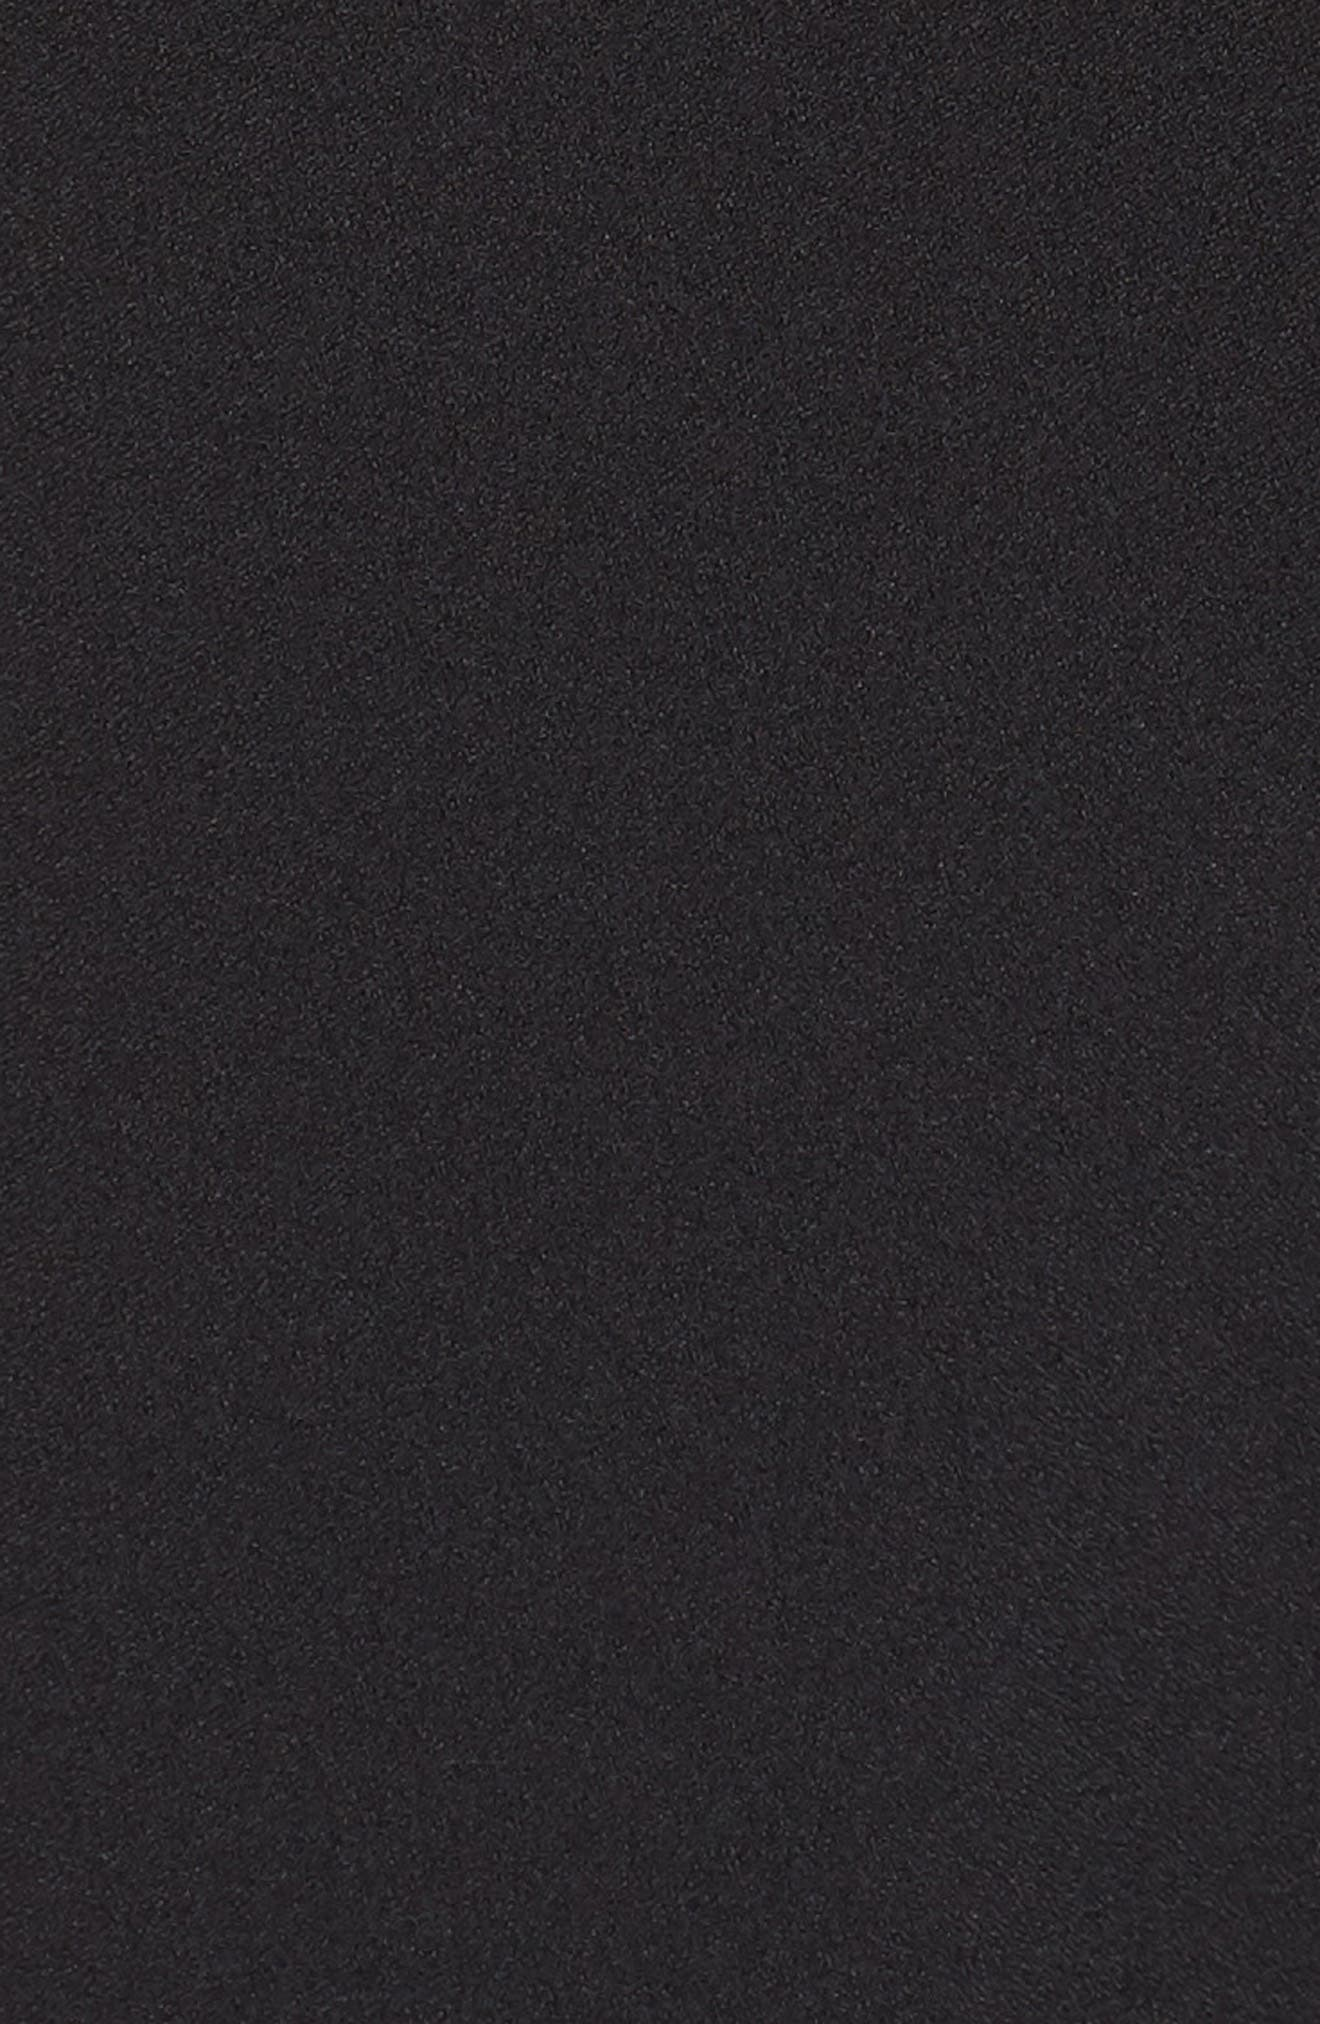 Cold Shoulder V-Neck Jumpsuit,                             Alternate thumbnail 6, color,                             BLACK